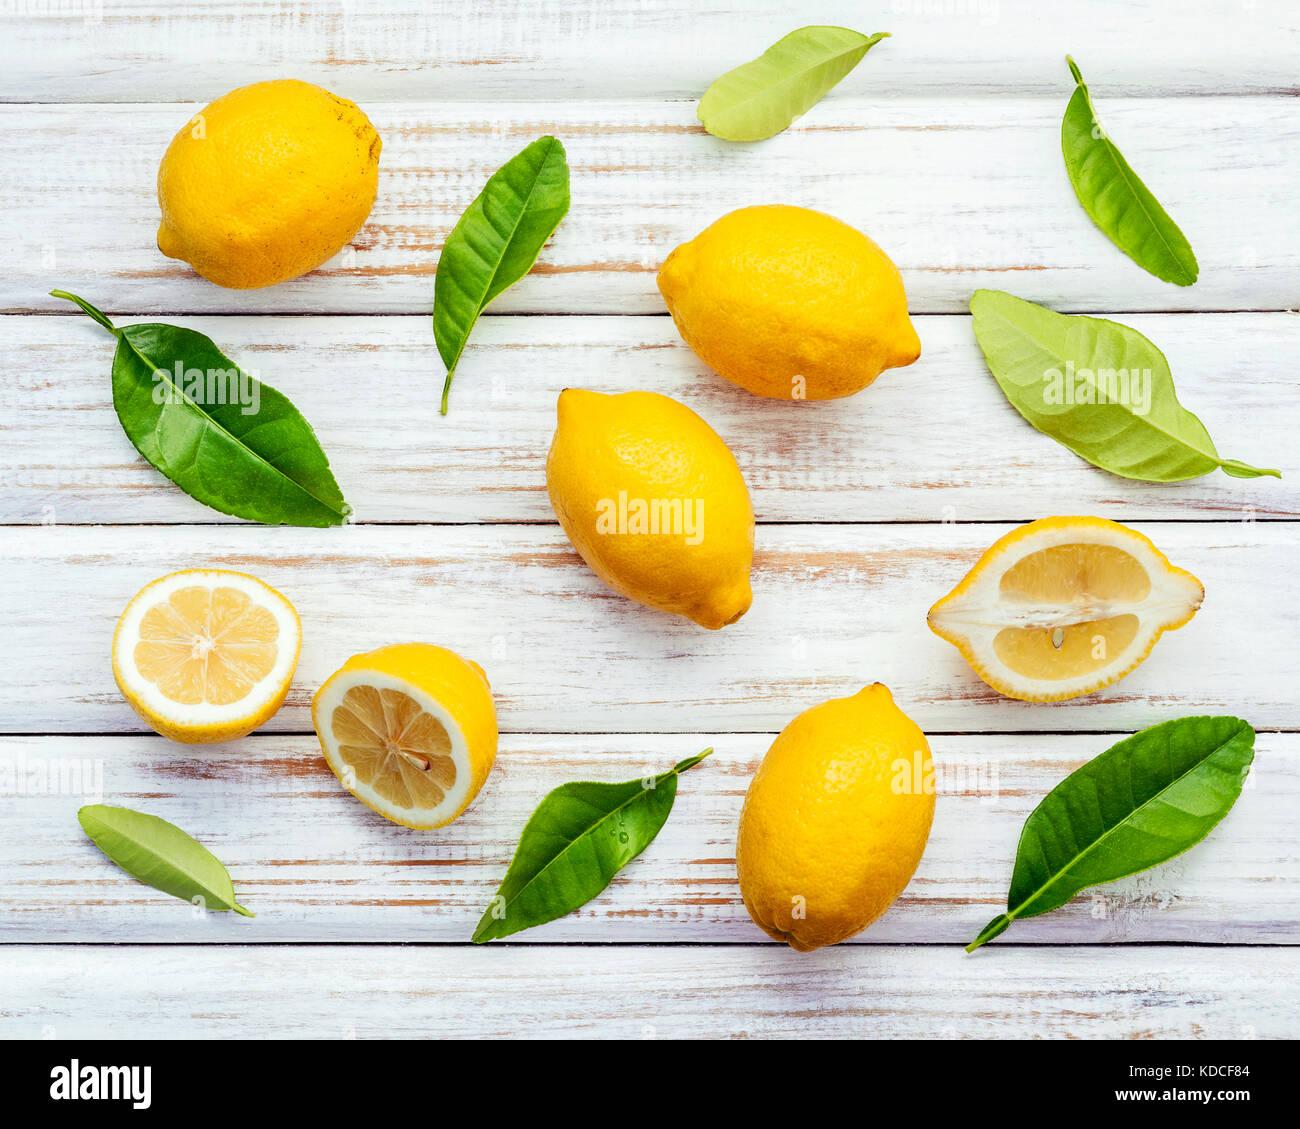 Limones frescos y limones hojas sobre fondo de madera rústica. limones frescos y la rodaja de limón sobre mesa de Foto de stock